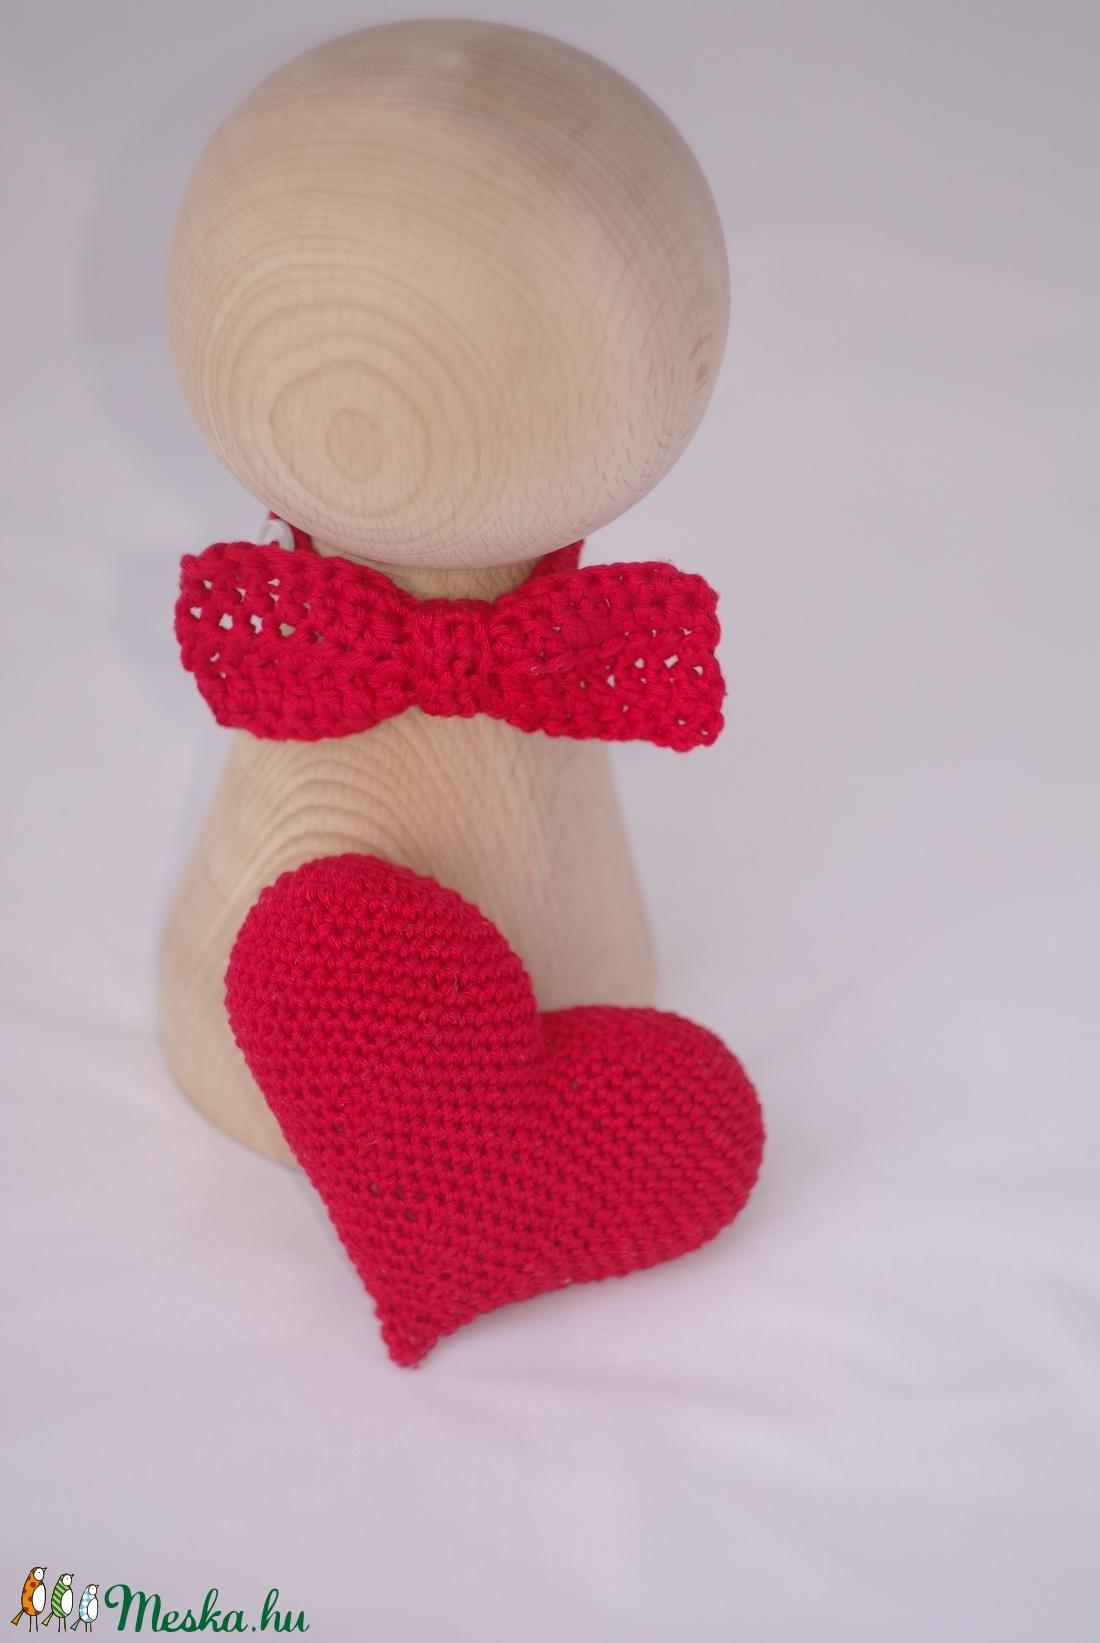 Piros horgolt nyakkendő+szivecske szett (Zebubaby) - Meska.hu